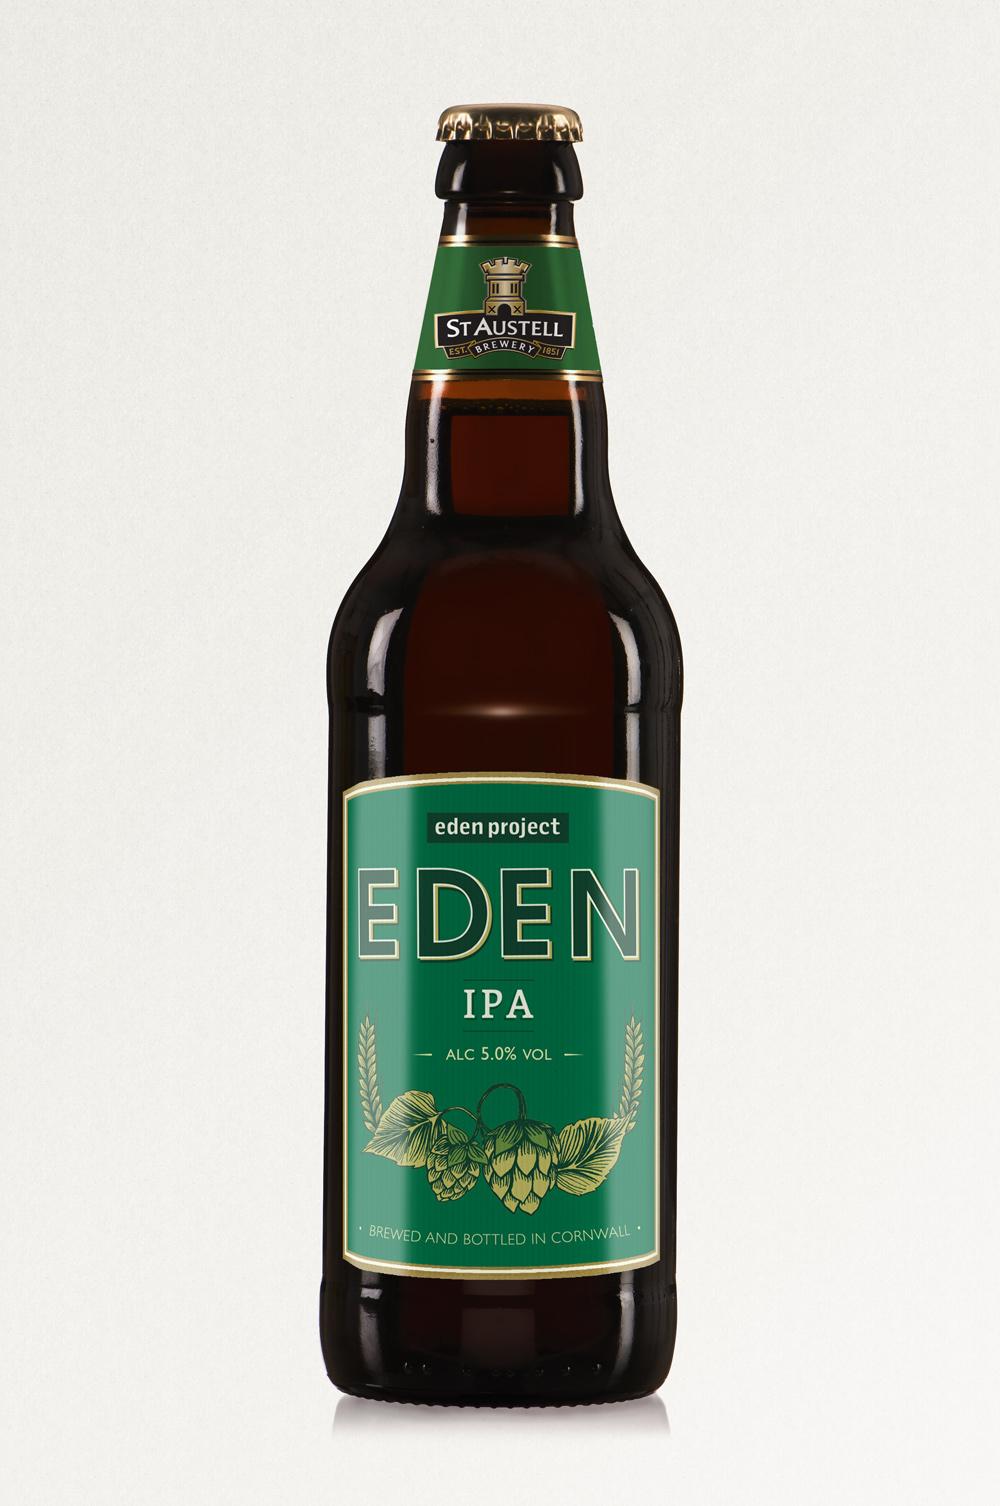 EDEN IPA, St Austell Brewery, IPA ,bottle label design